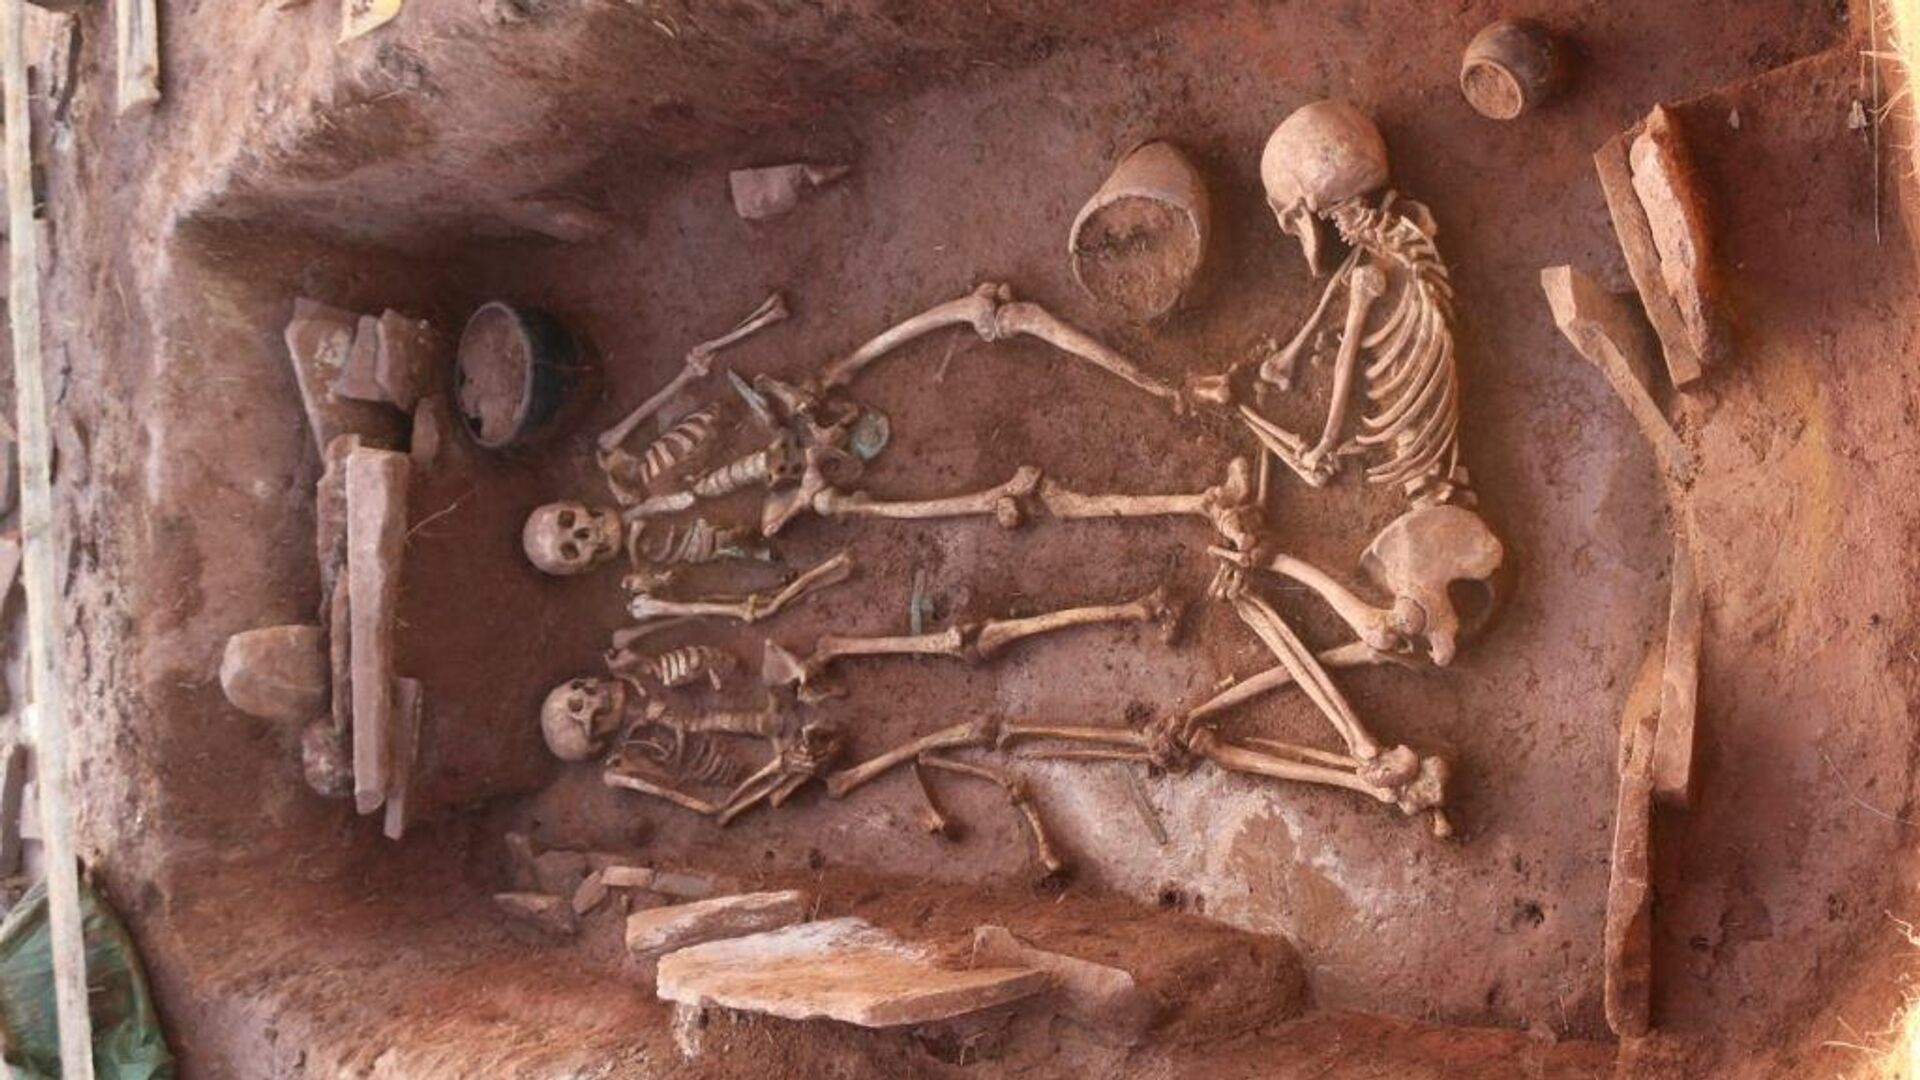 1577606756 0:56:1024:632 1920x0 80 0 0 edf35ee24bf180a6200a058b91358b63 - Археологи обнаружили в Хакасии нетронутый могильник скифского времени